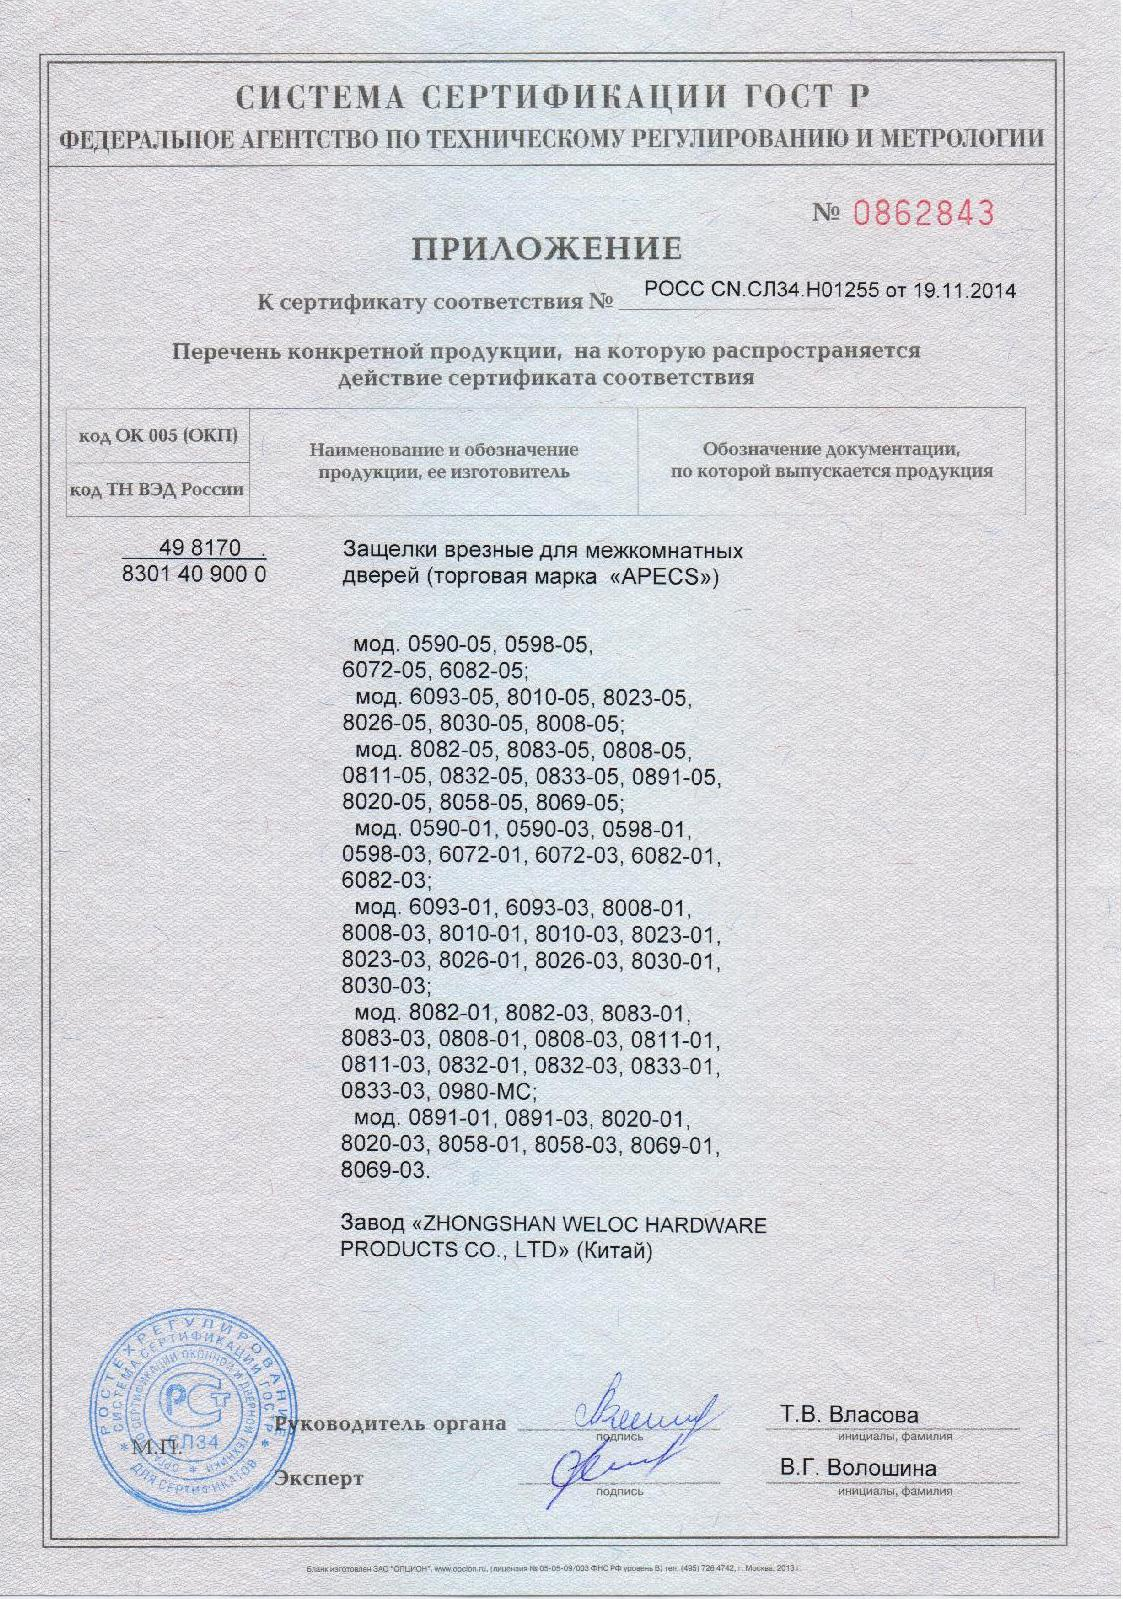 Приложение к сертификату на дверные защелки